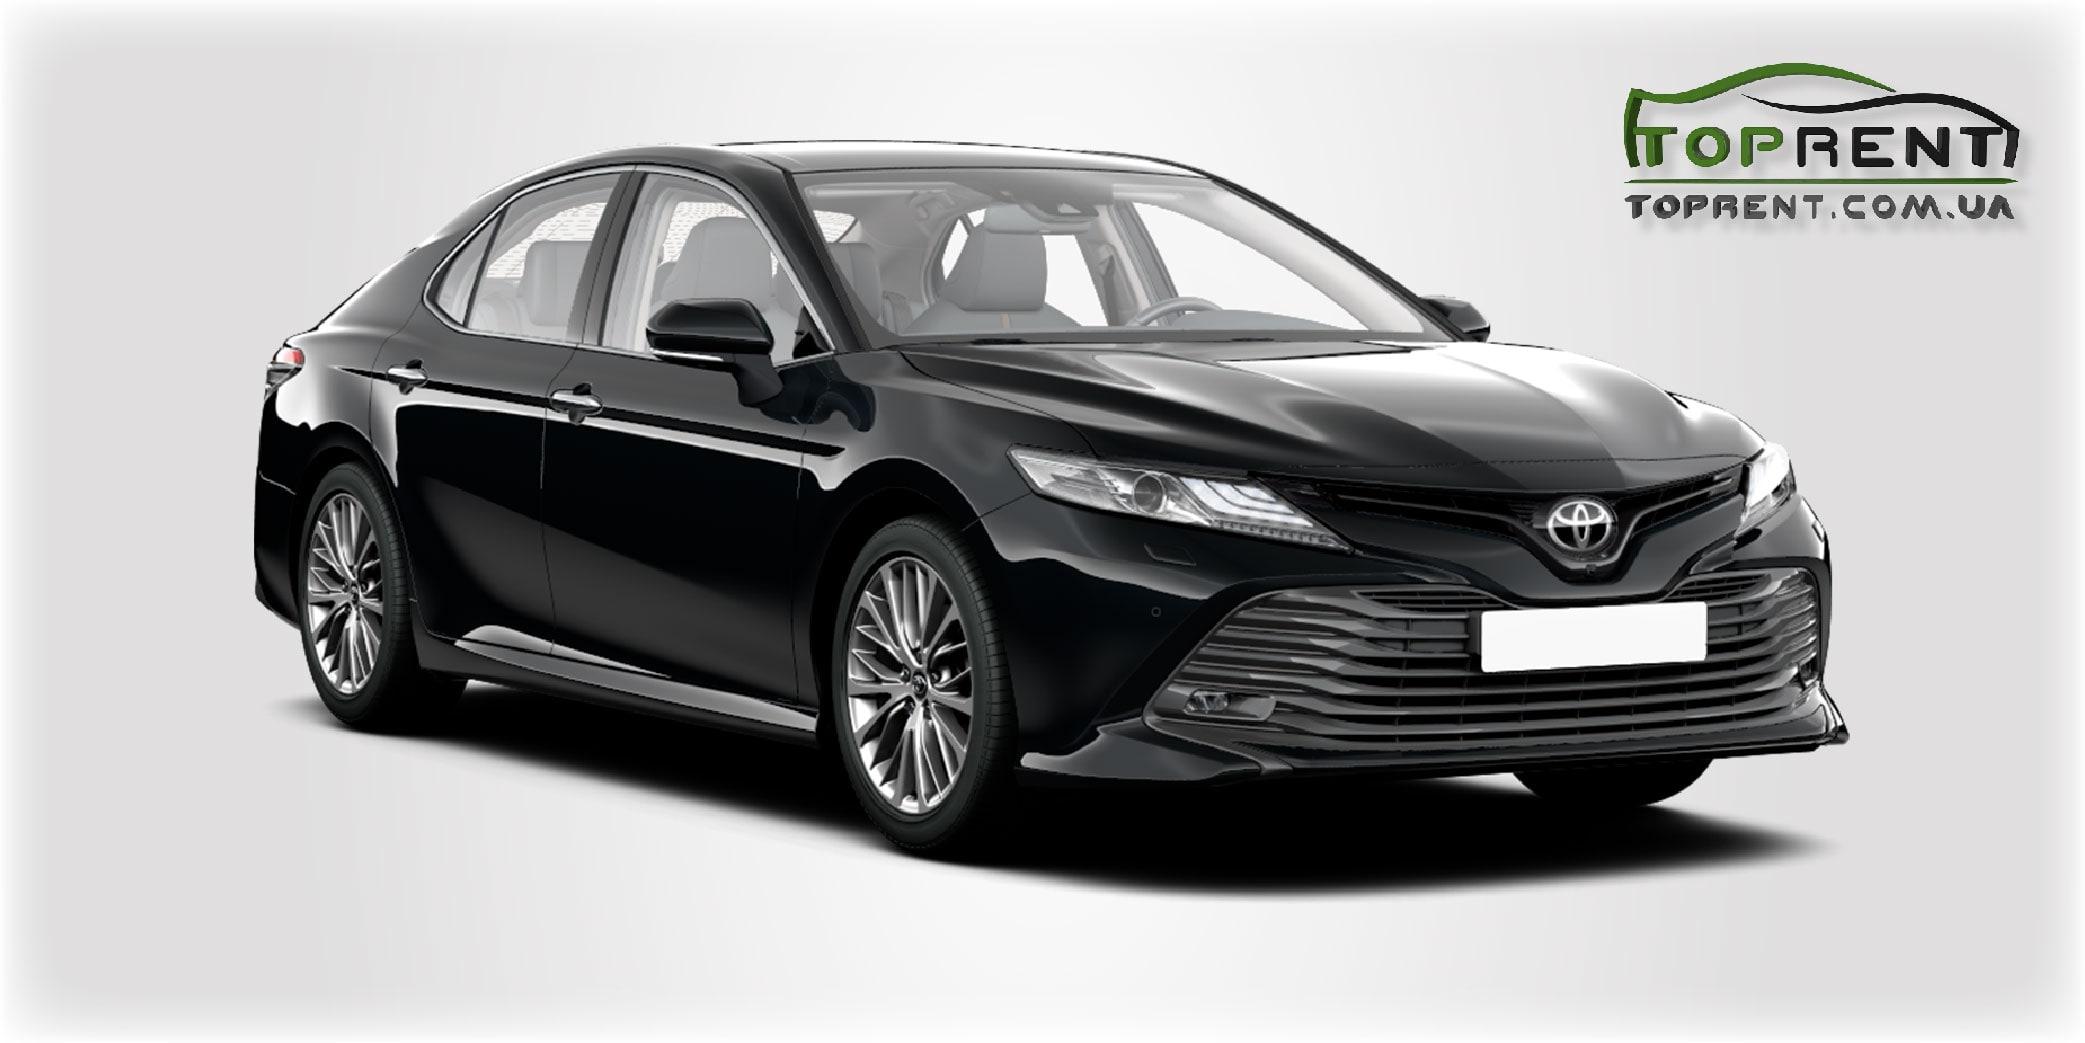 Toyota-Camry-70-2019-arenda-prokat-TopRent.com.ua